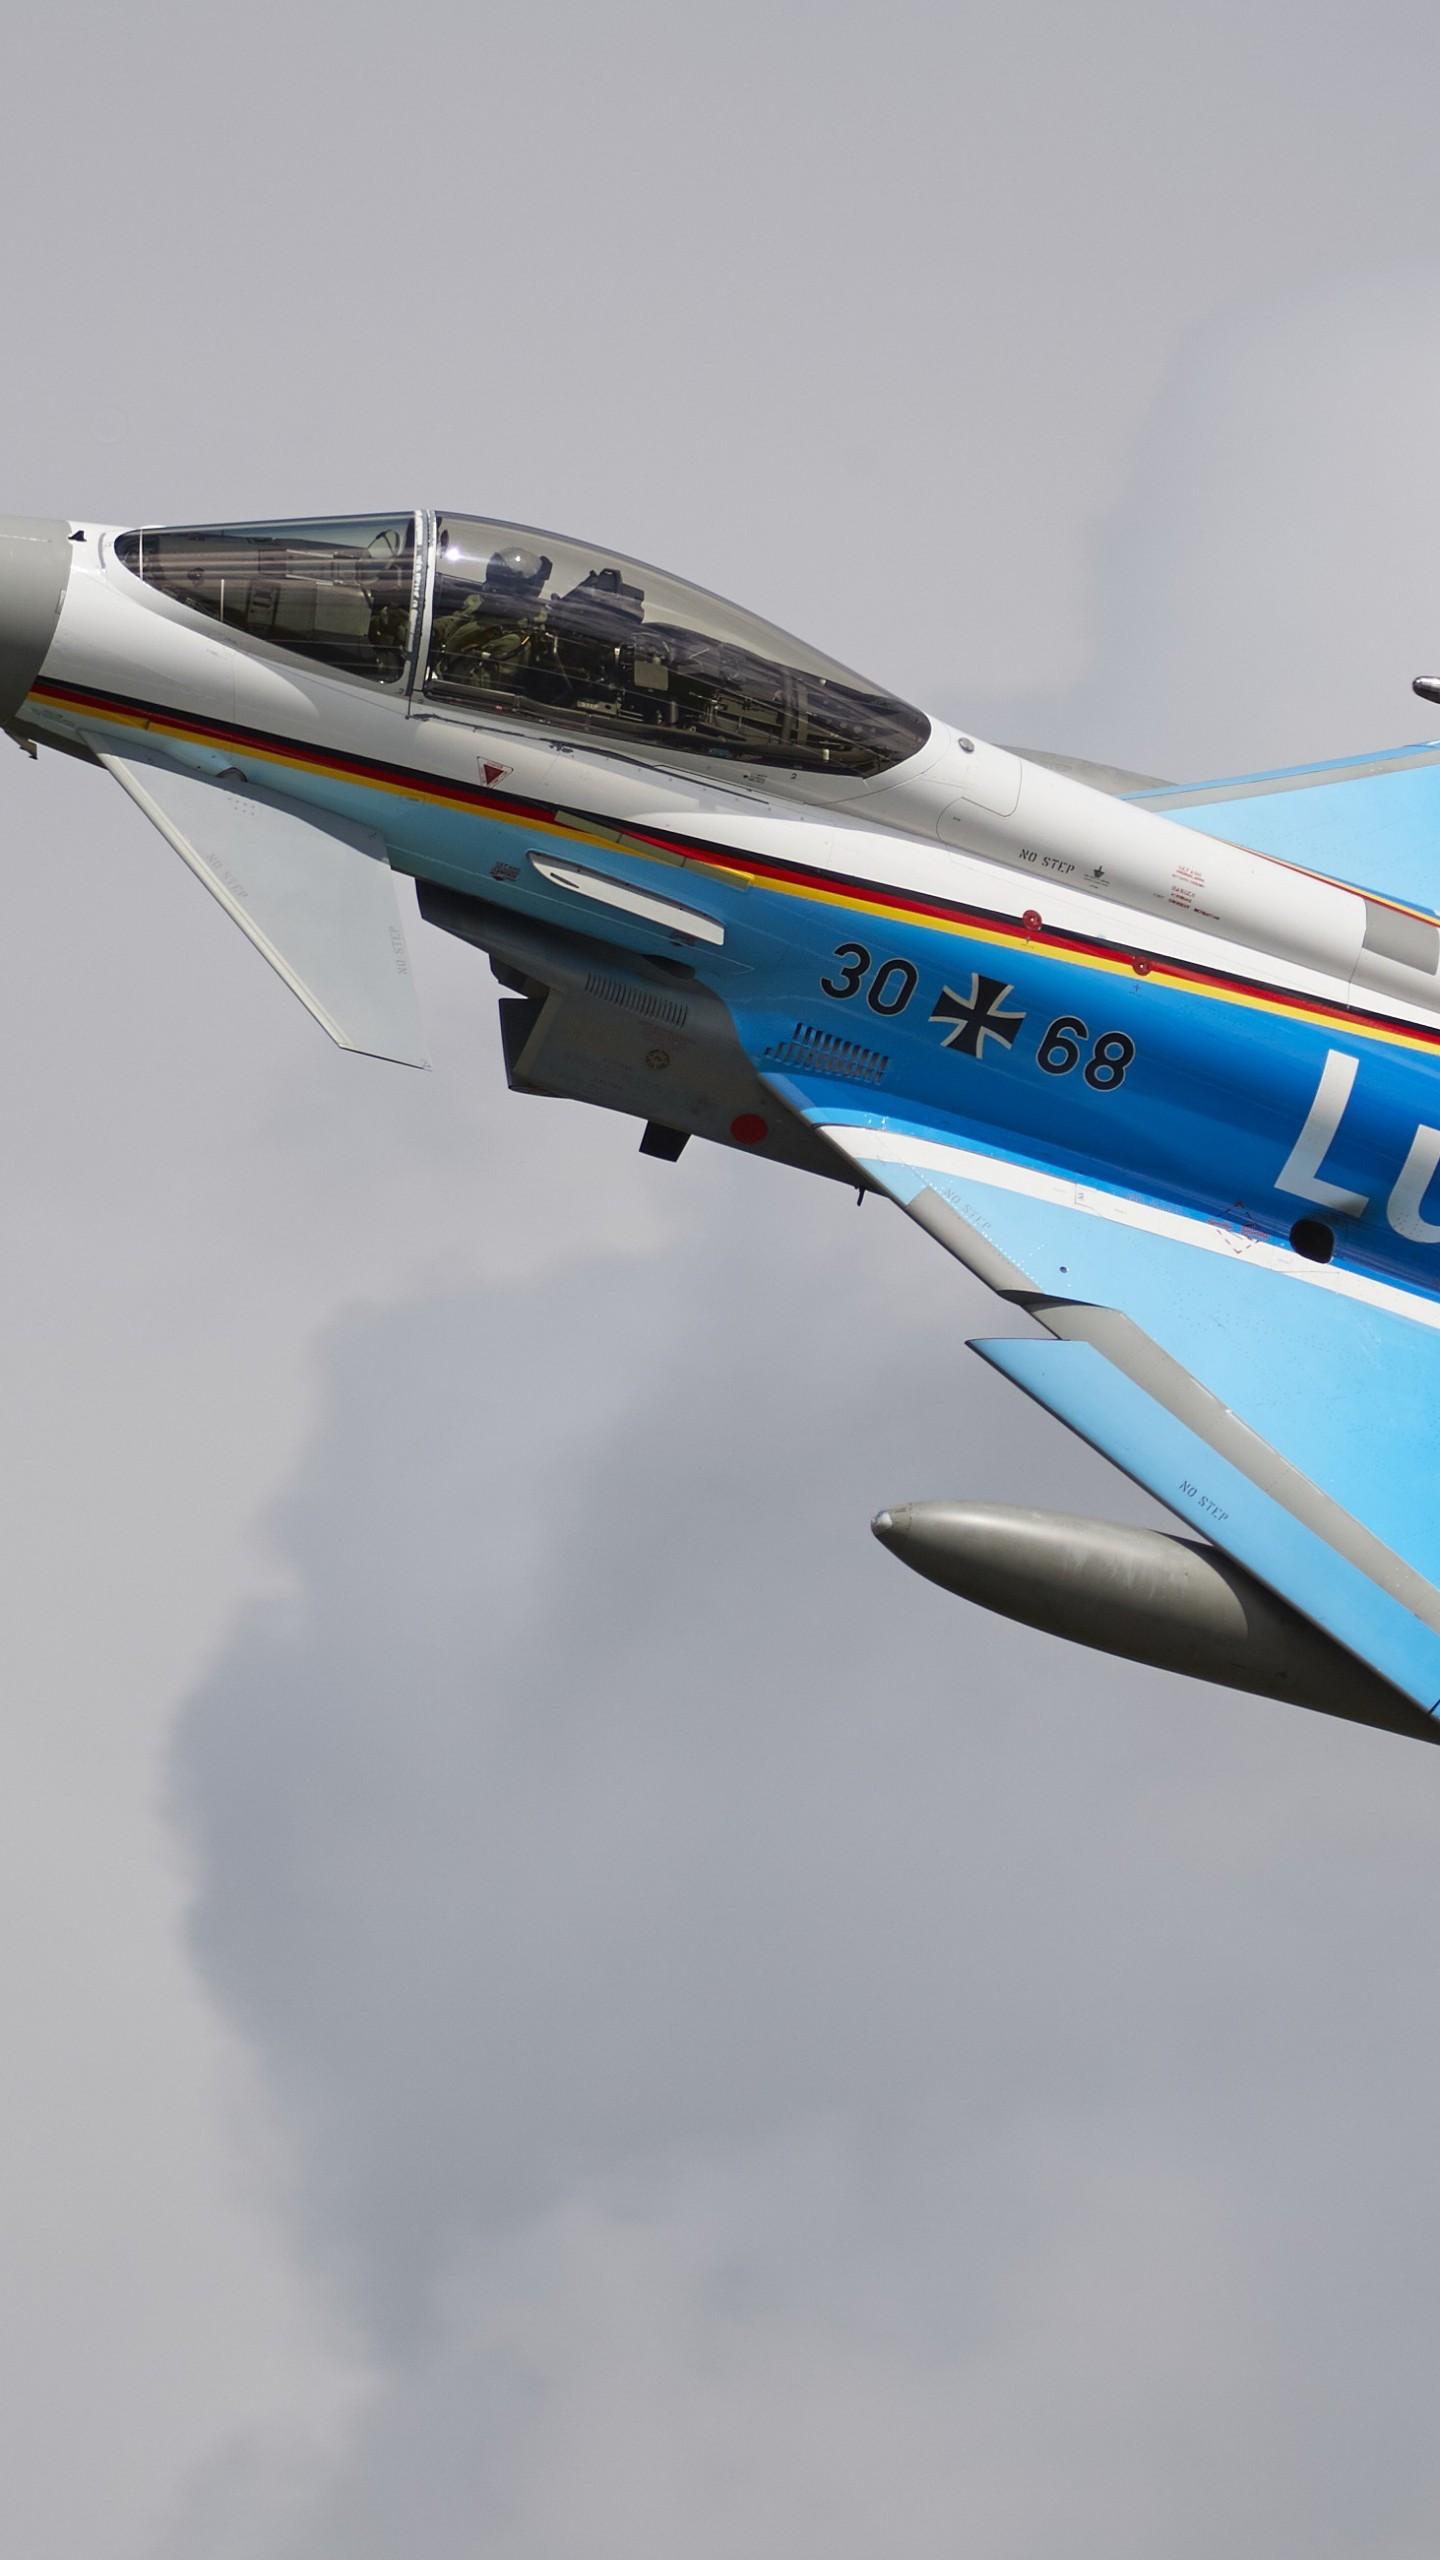 عکس زمینه هواپیمای نظامی نیروی هوایی آلمان پس زمینه